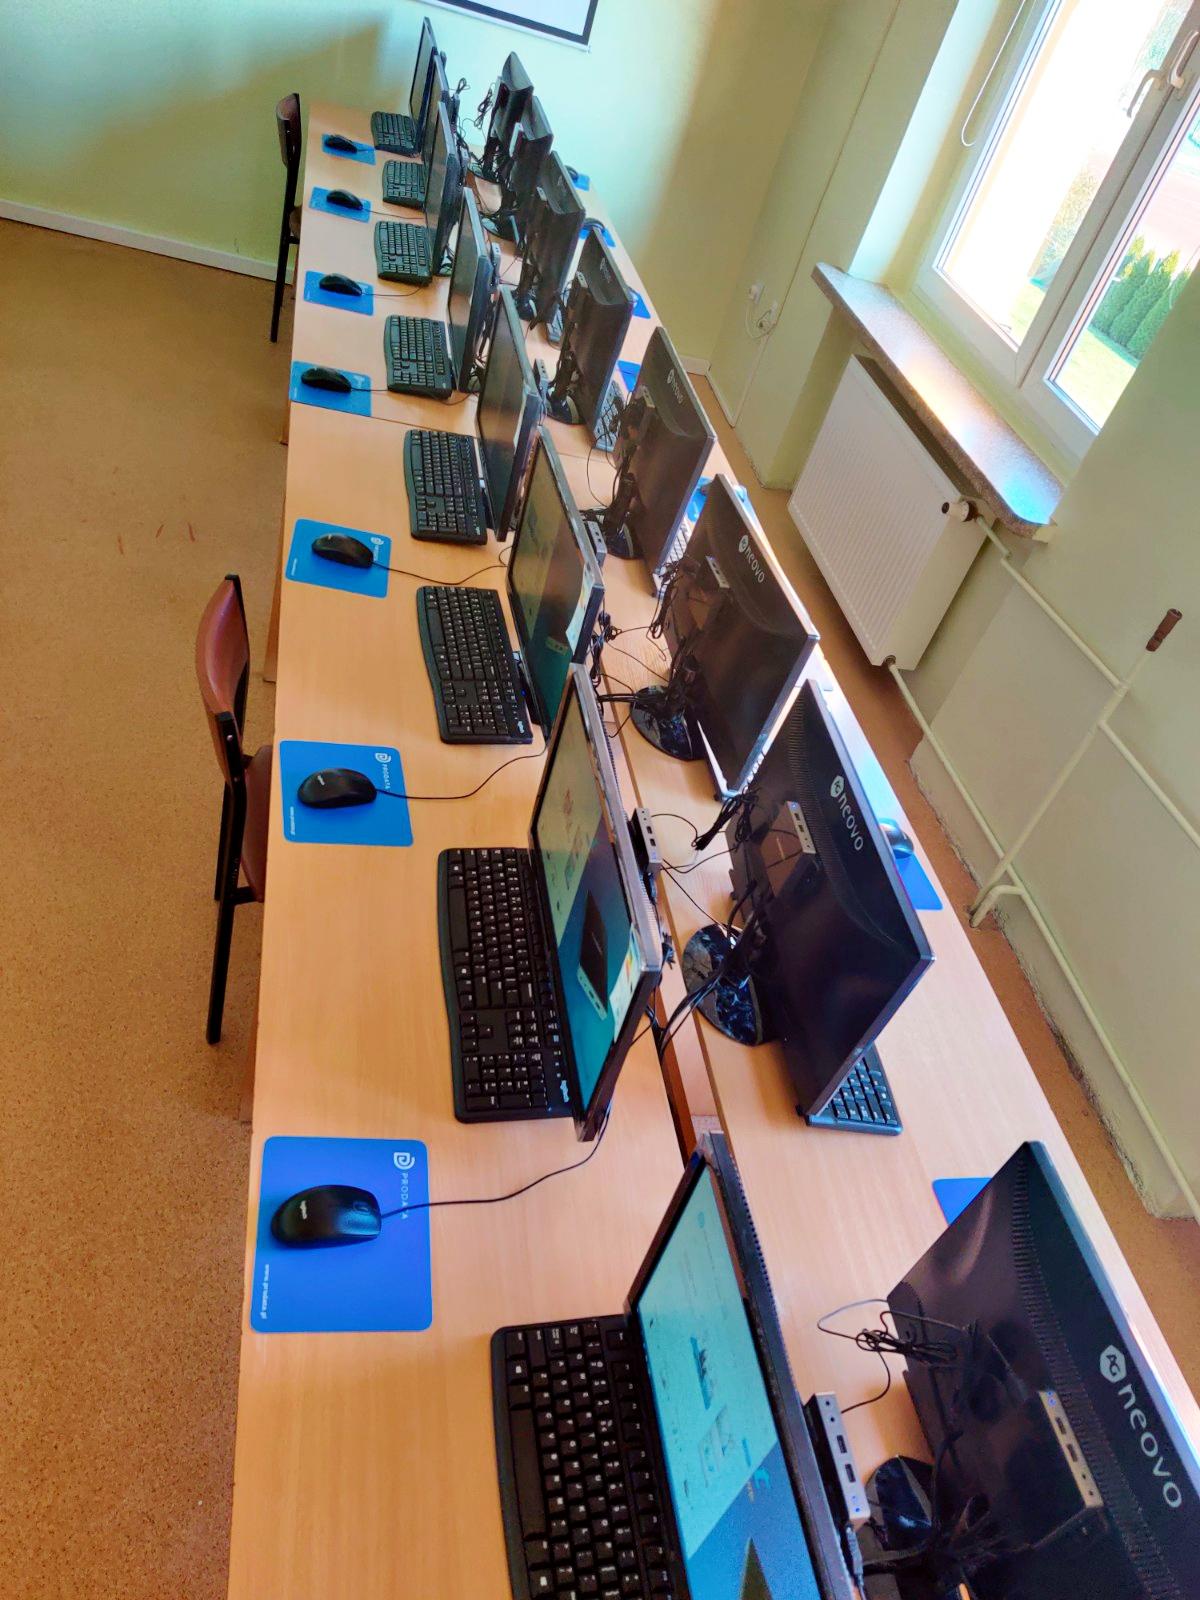 Pracownia komputerowa w Głuchowie - terminale komputerowe vCloudPoint V1